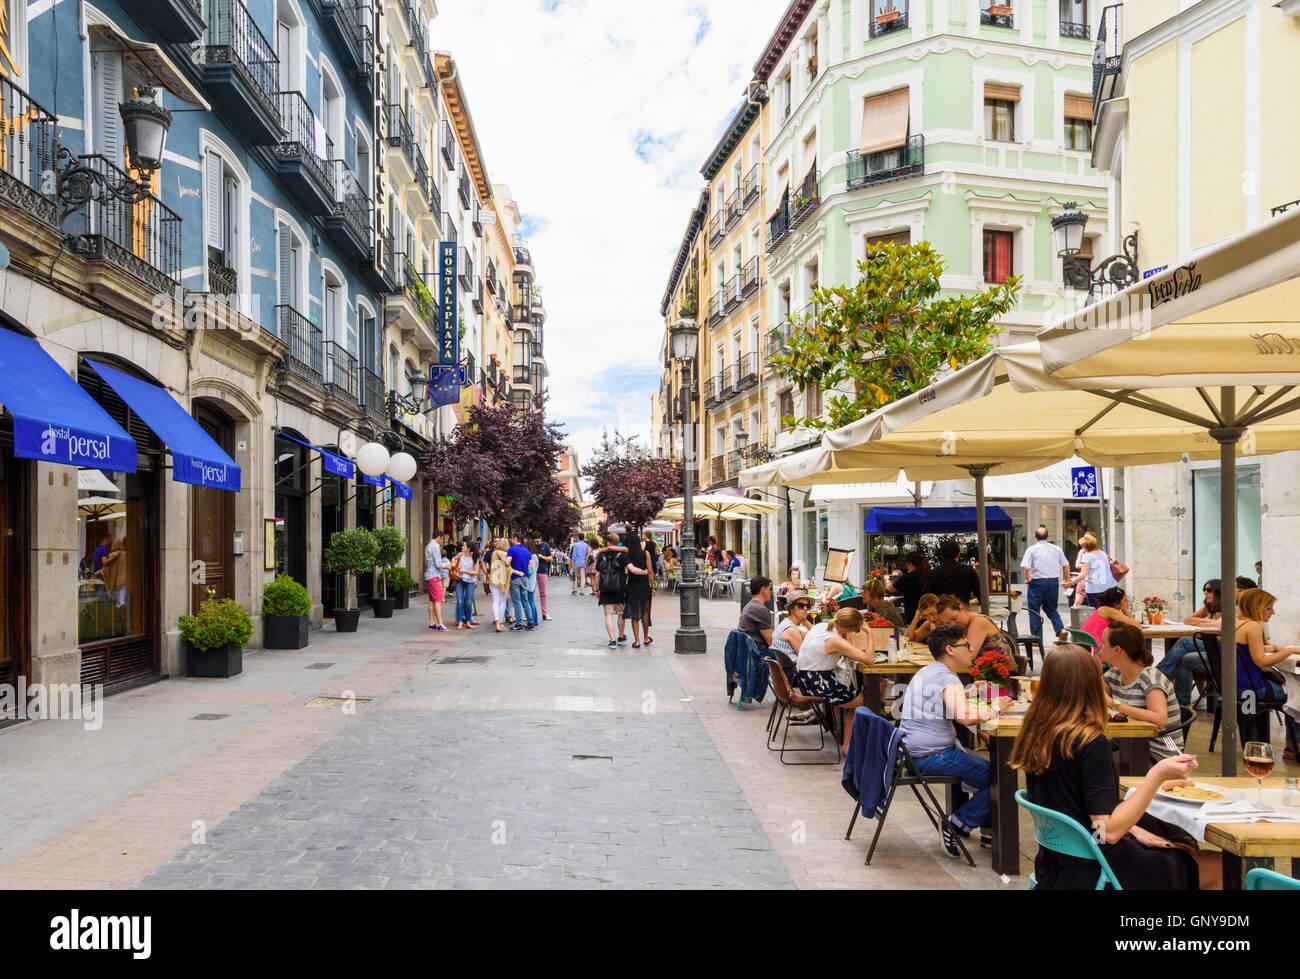 Geschäften und Cafés der Fußgängerzone Plaza del Angel, Madrid, Spanien Stockbild